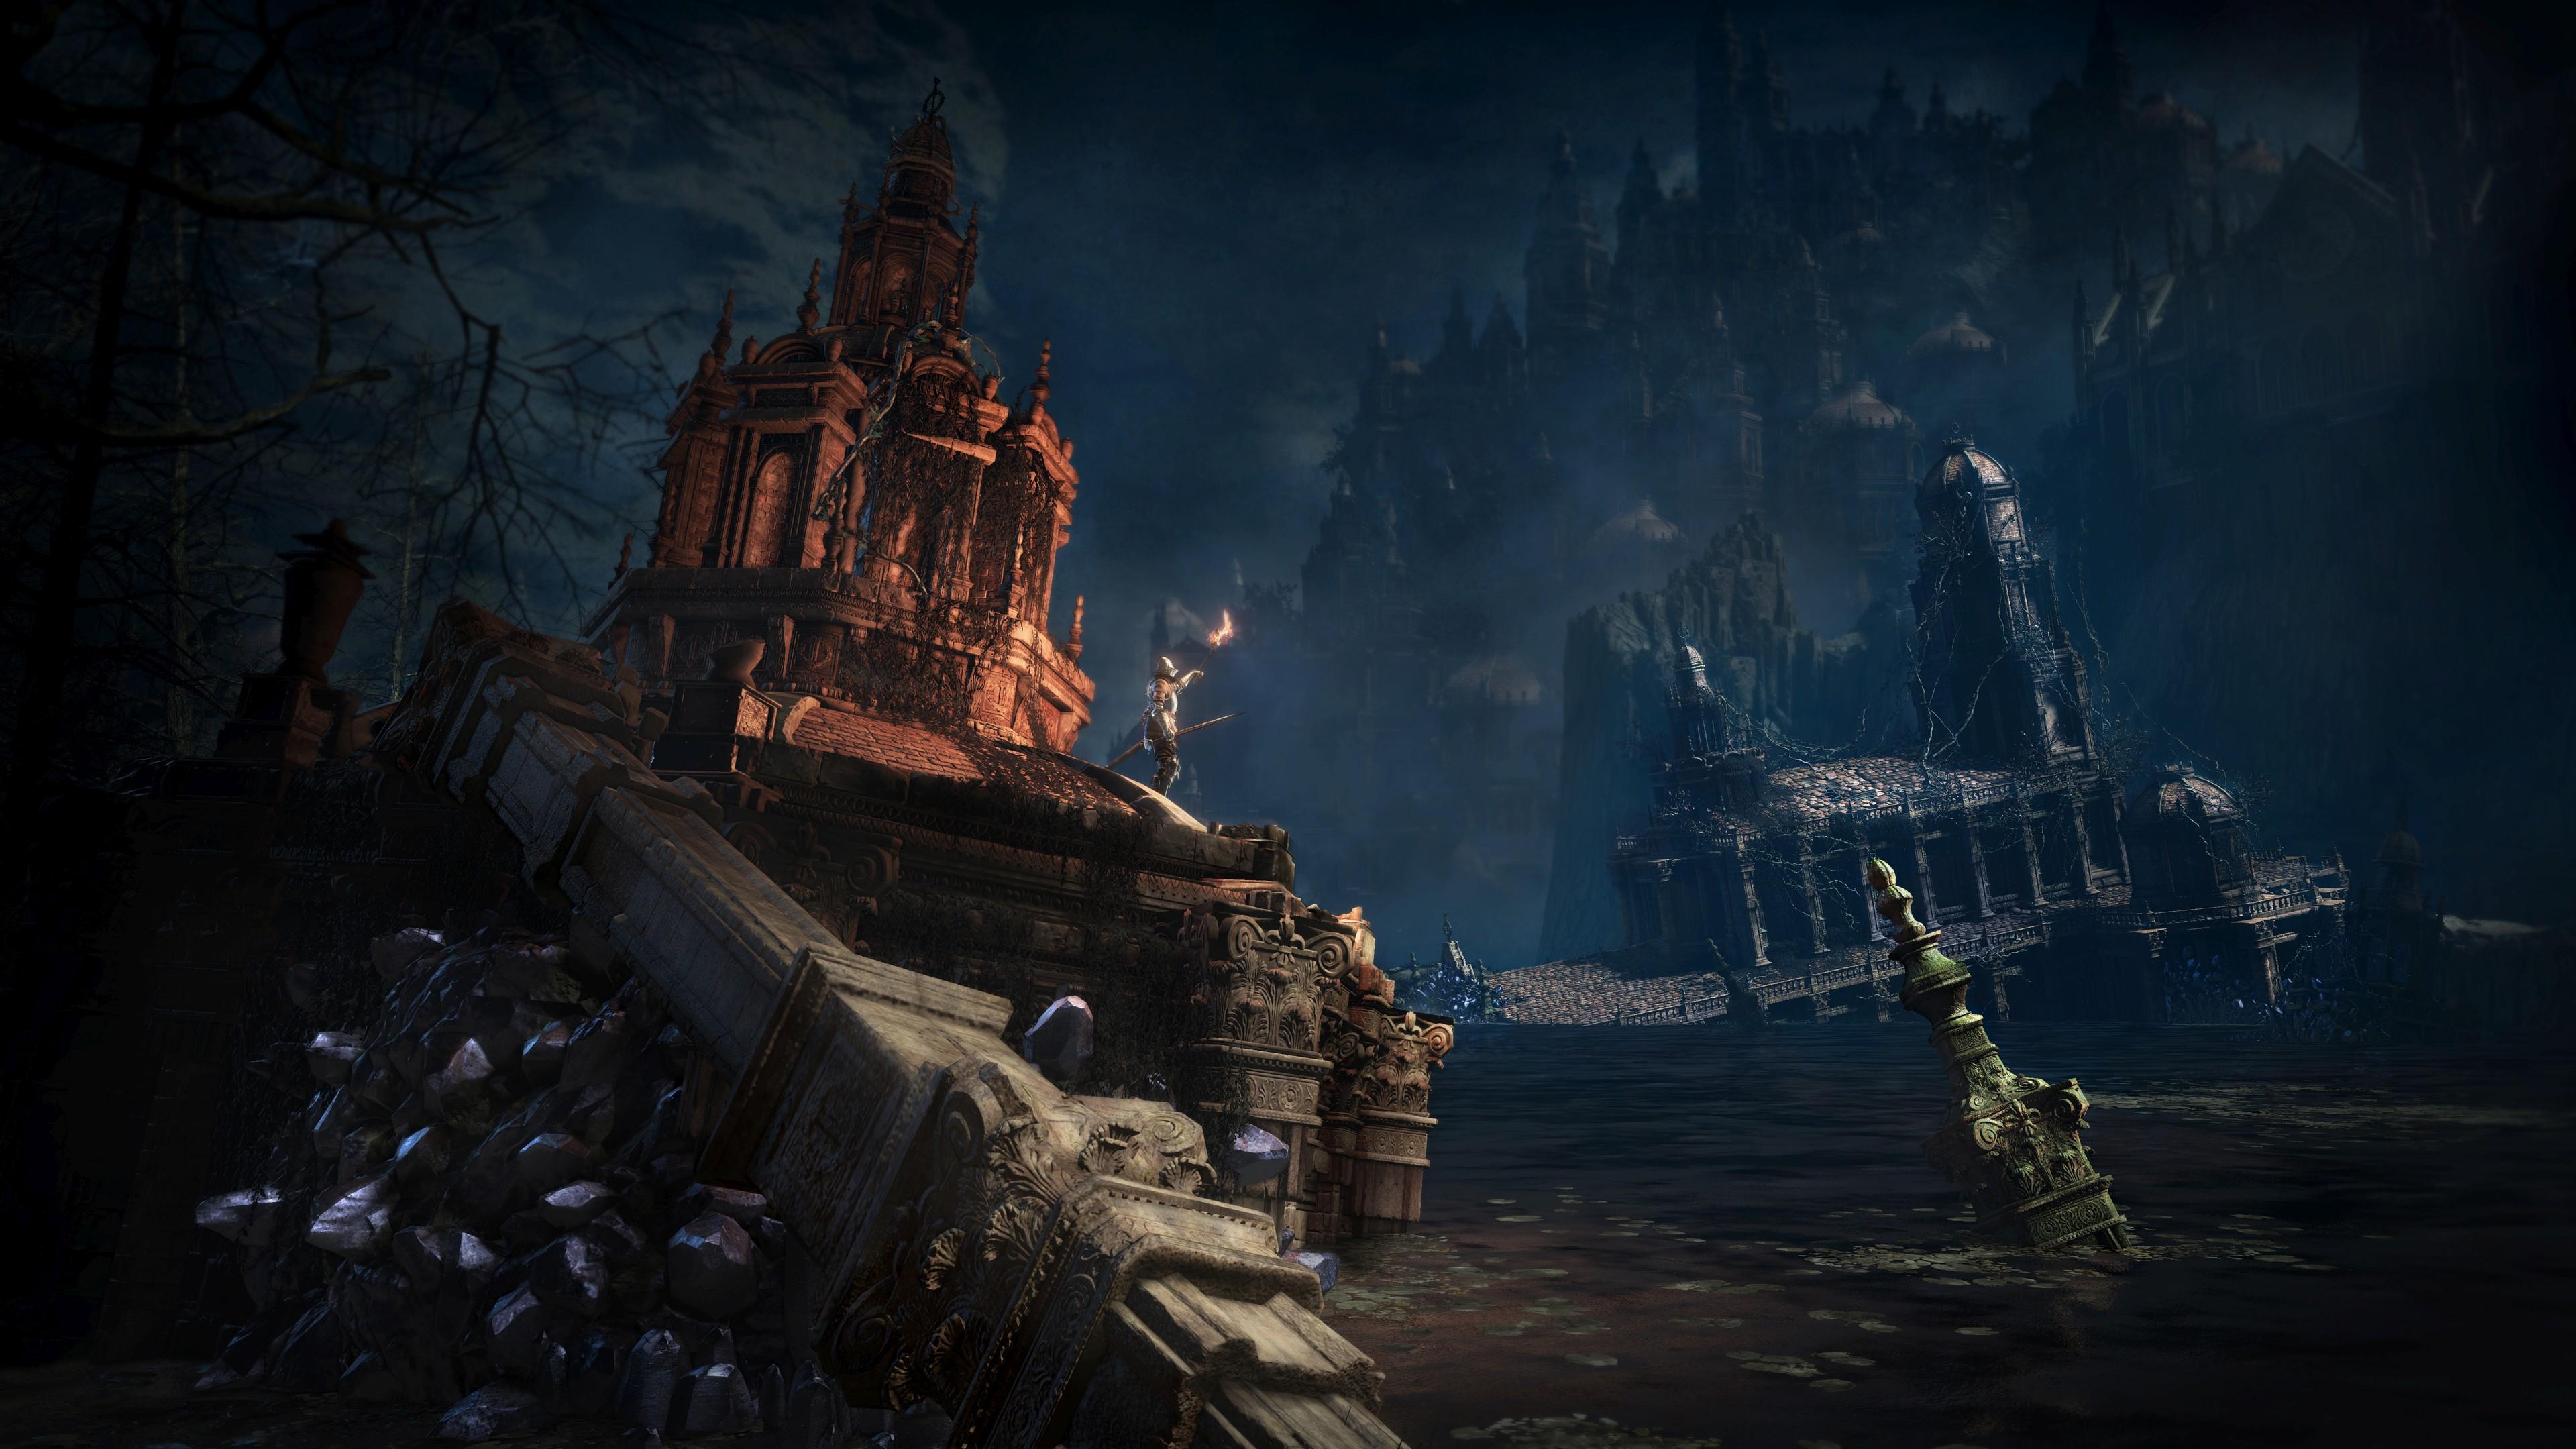 تماشا کنید: تریلر زمان عرضه Dark Souls III: The Ringed City